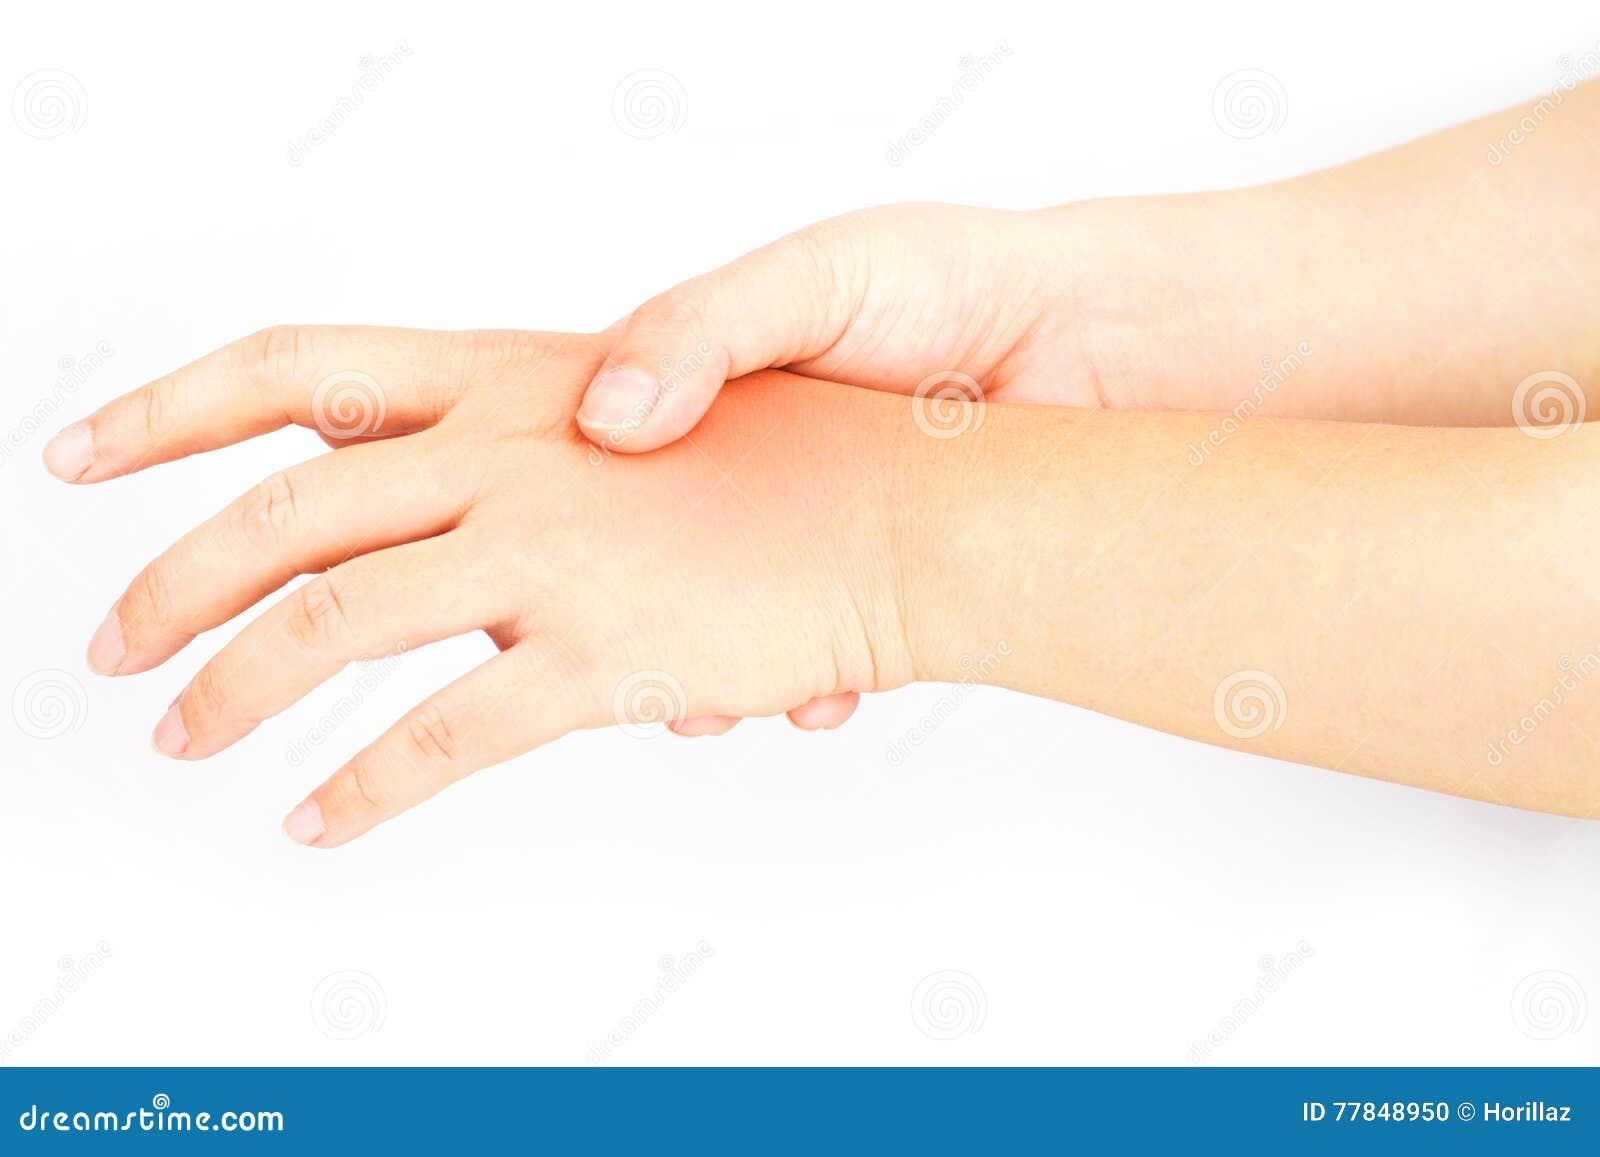 Hand bones injury